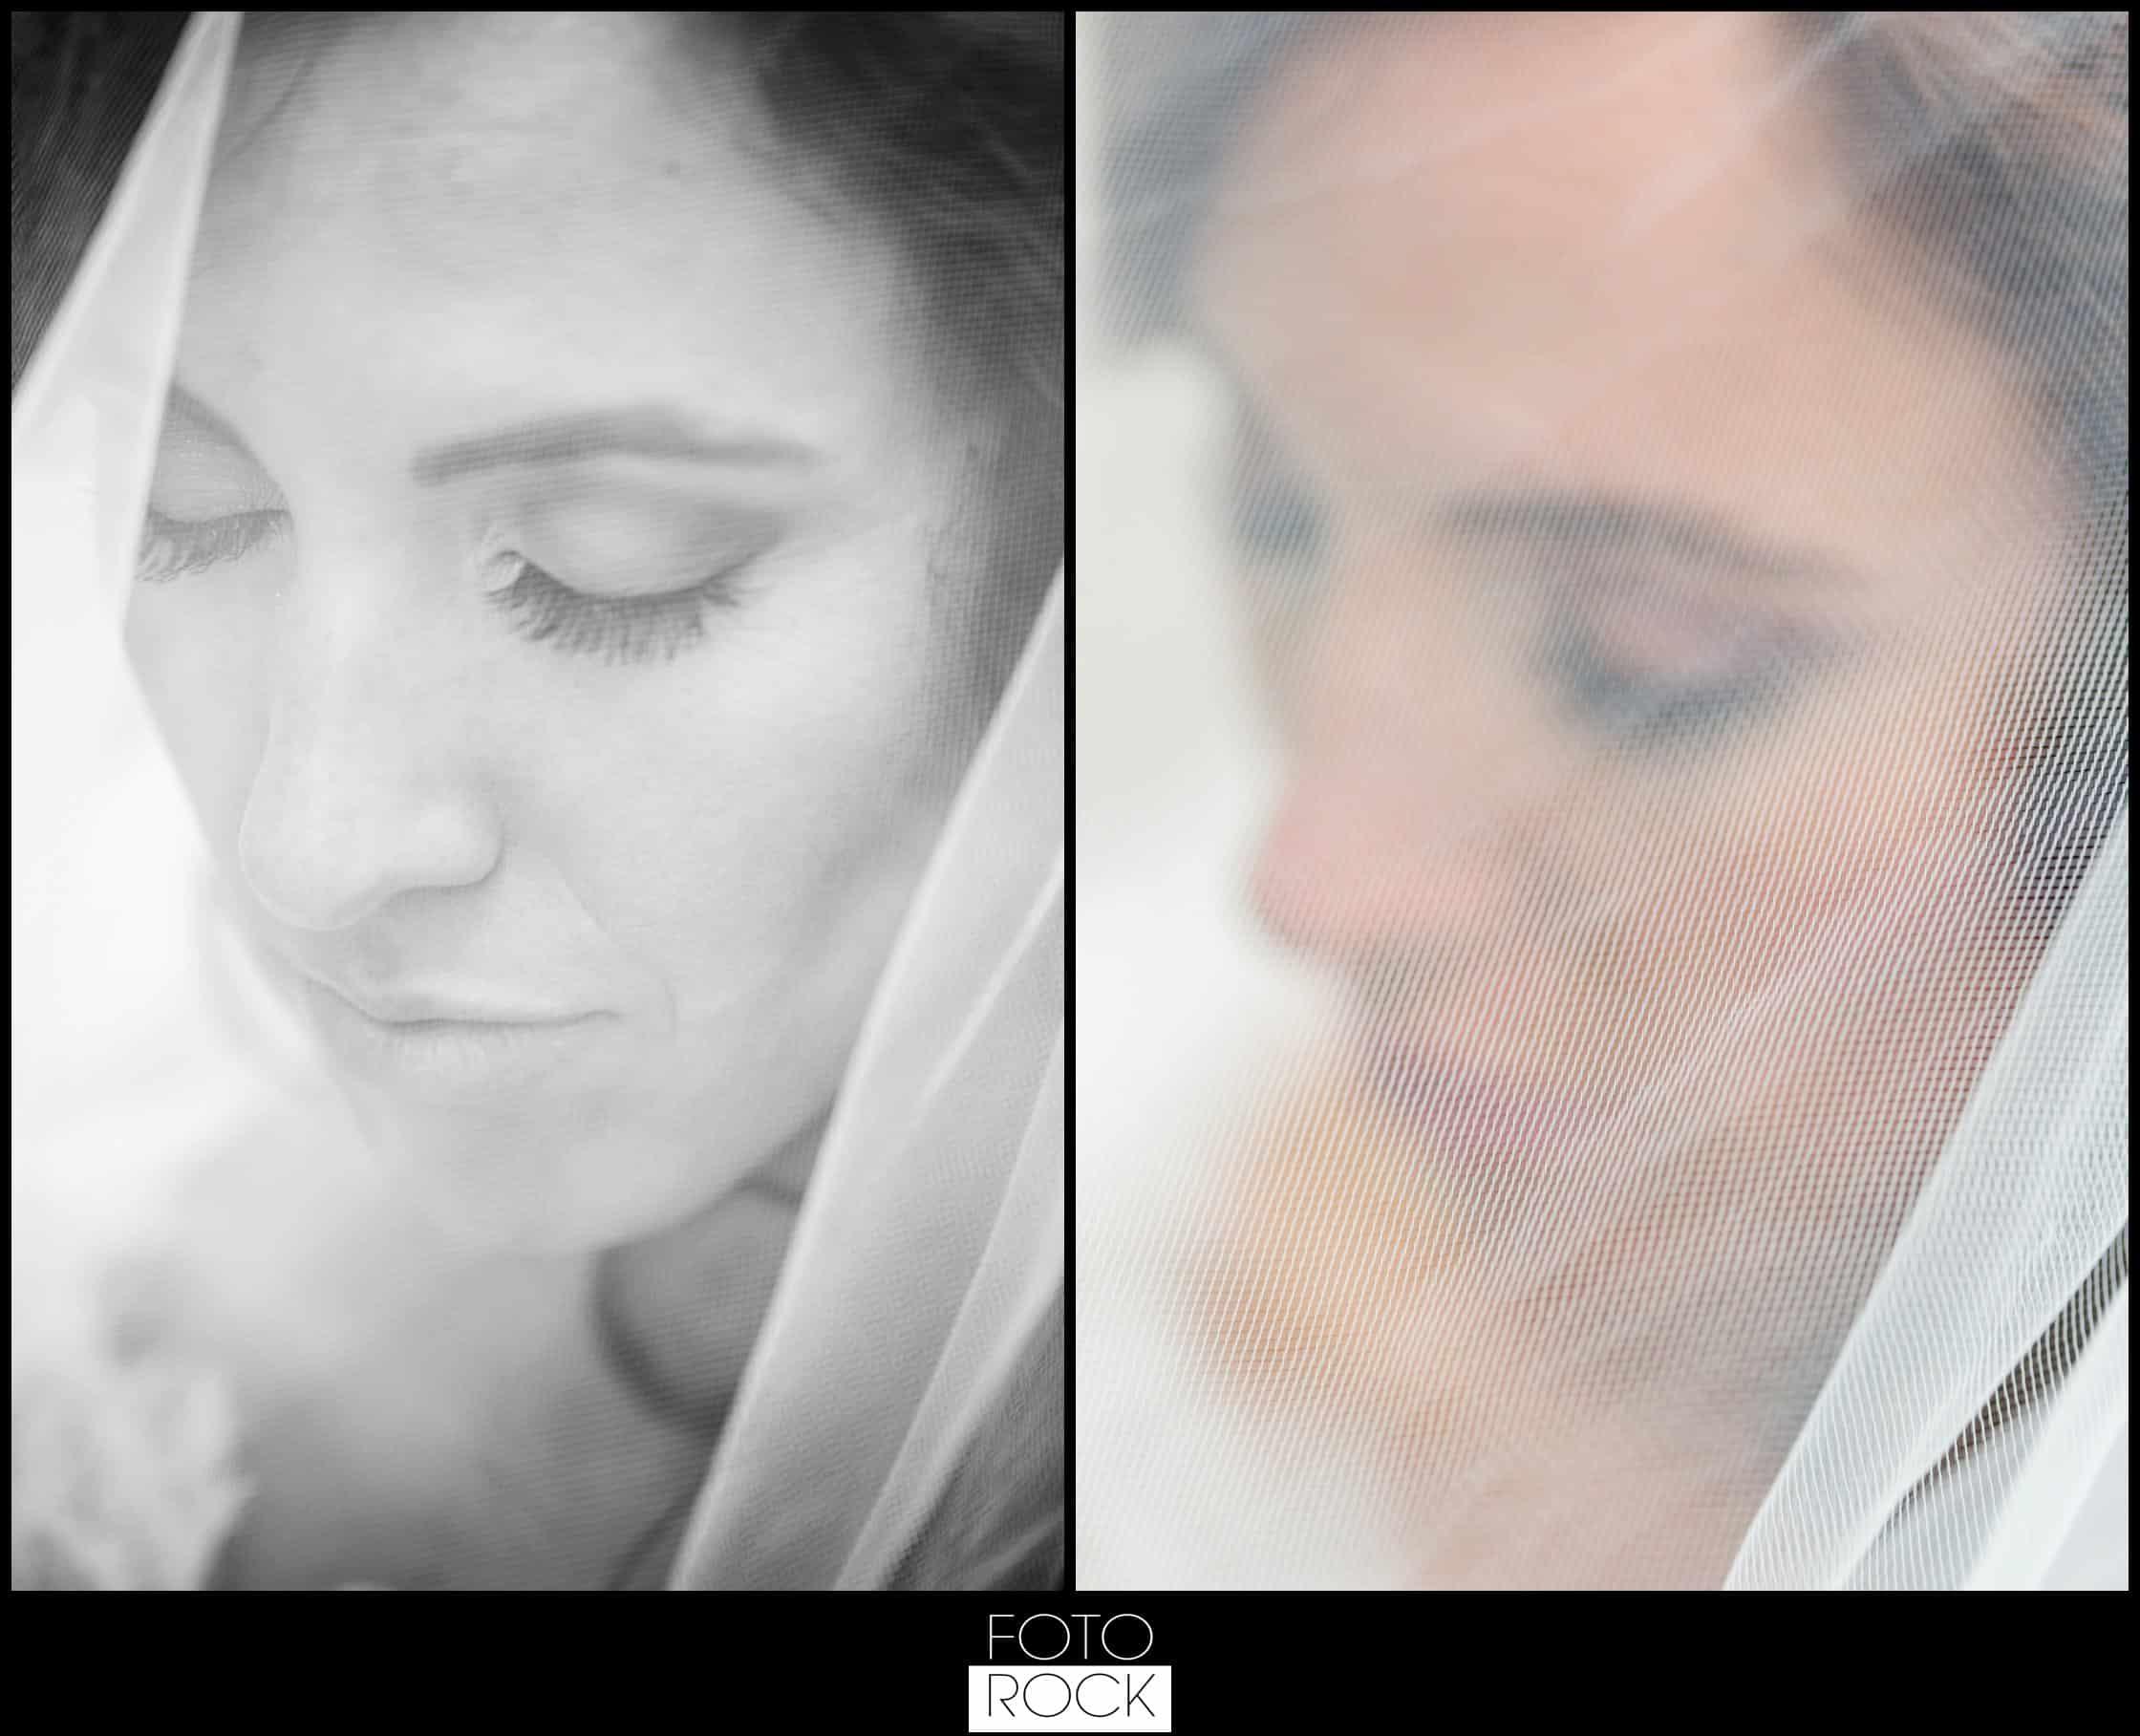 Hochzeit Lilienhof Ihringen Fotoshooting Photoshooting Brautpaar Brautstrauss Blumen